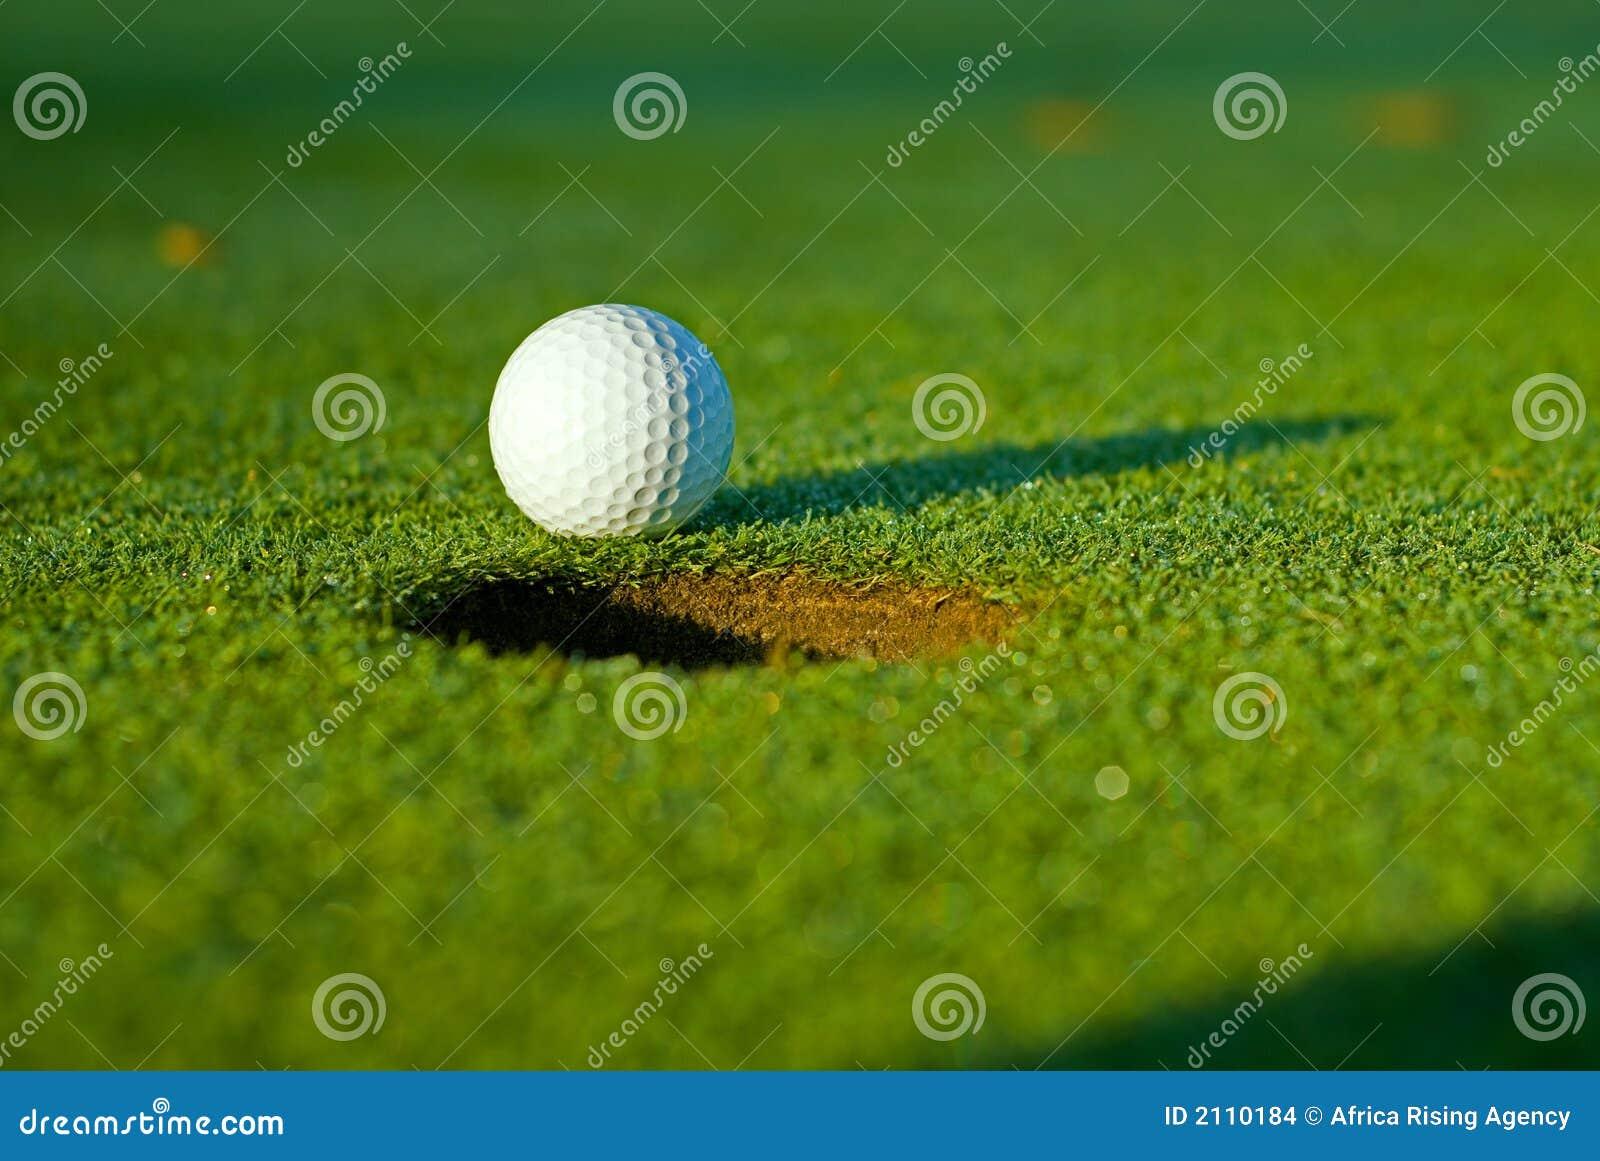 Foro di golf delle 5 sfere vicino a